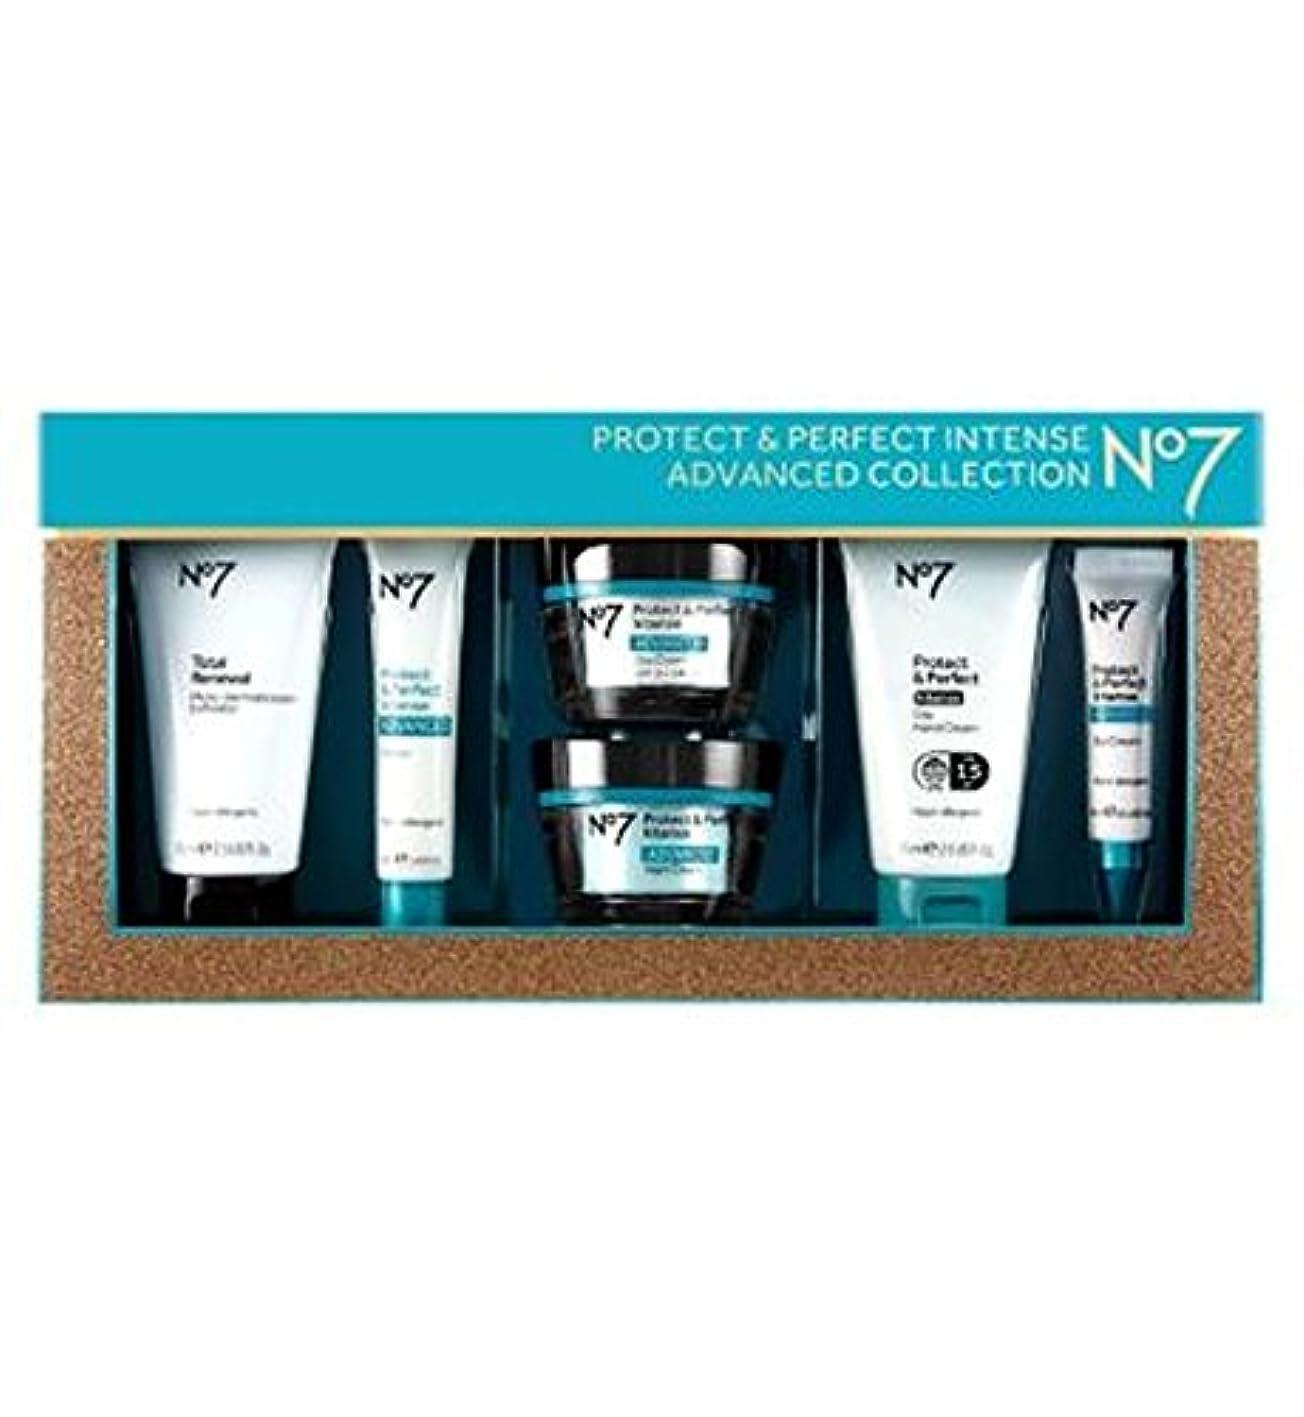 ライオネルグリーンストリートリマークくNo7保護&完璧な強烈な高度なコレクション (No7) (x2) - No7 Protect & Perfect Intense ADVANCED Collection (Pack of 2) [並行輸入品]